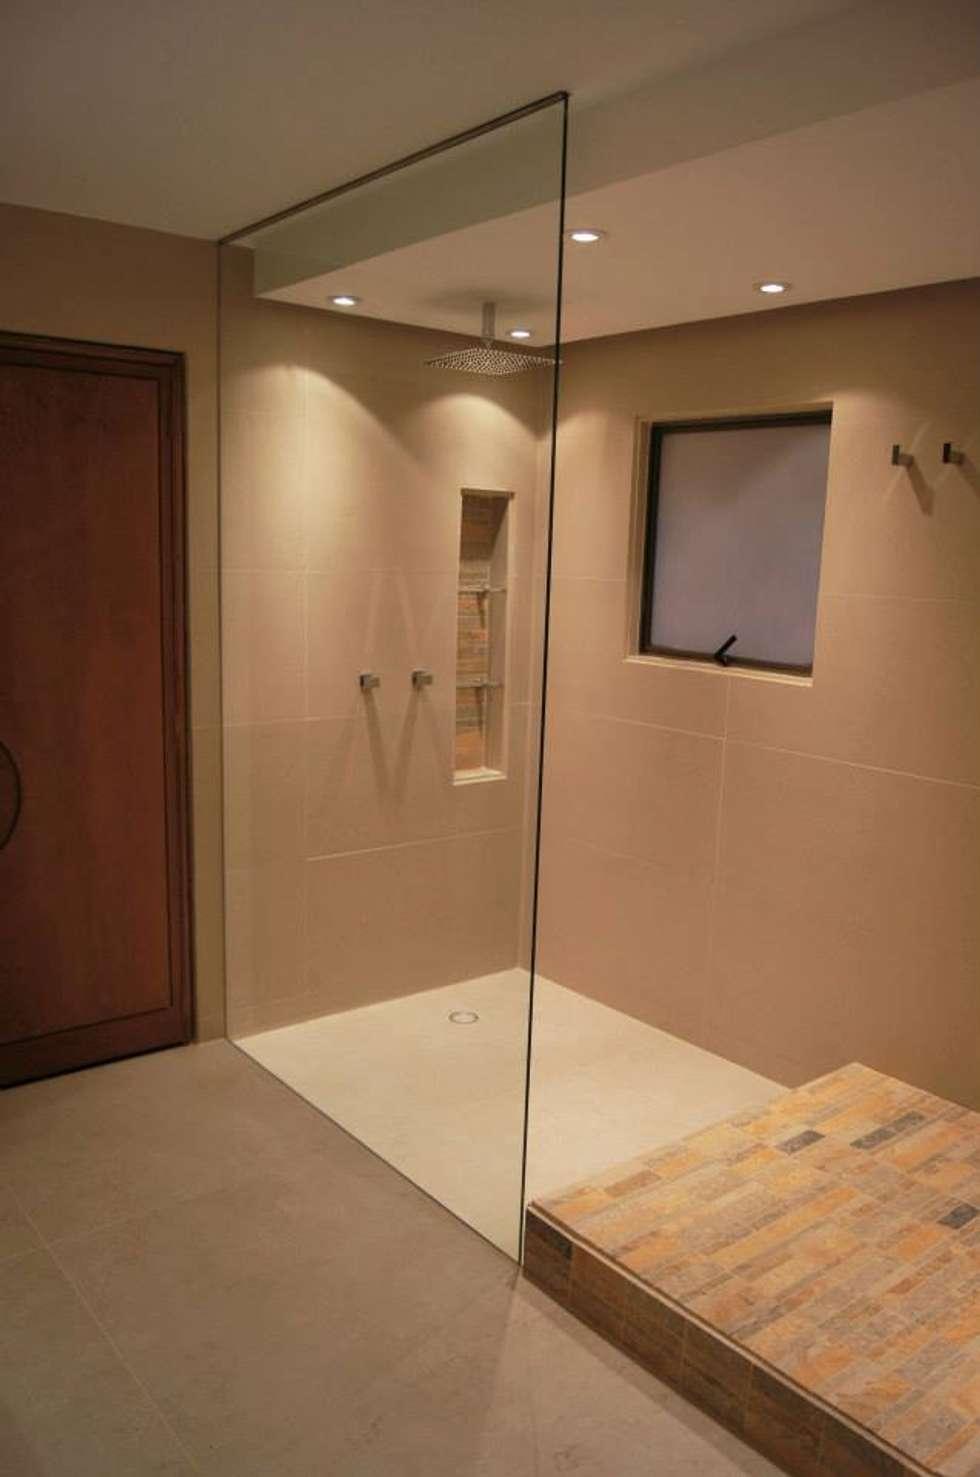 Baño Principal: Baños de estilo clásico por MARECO DESIGN S.A.S